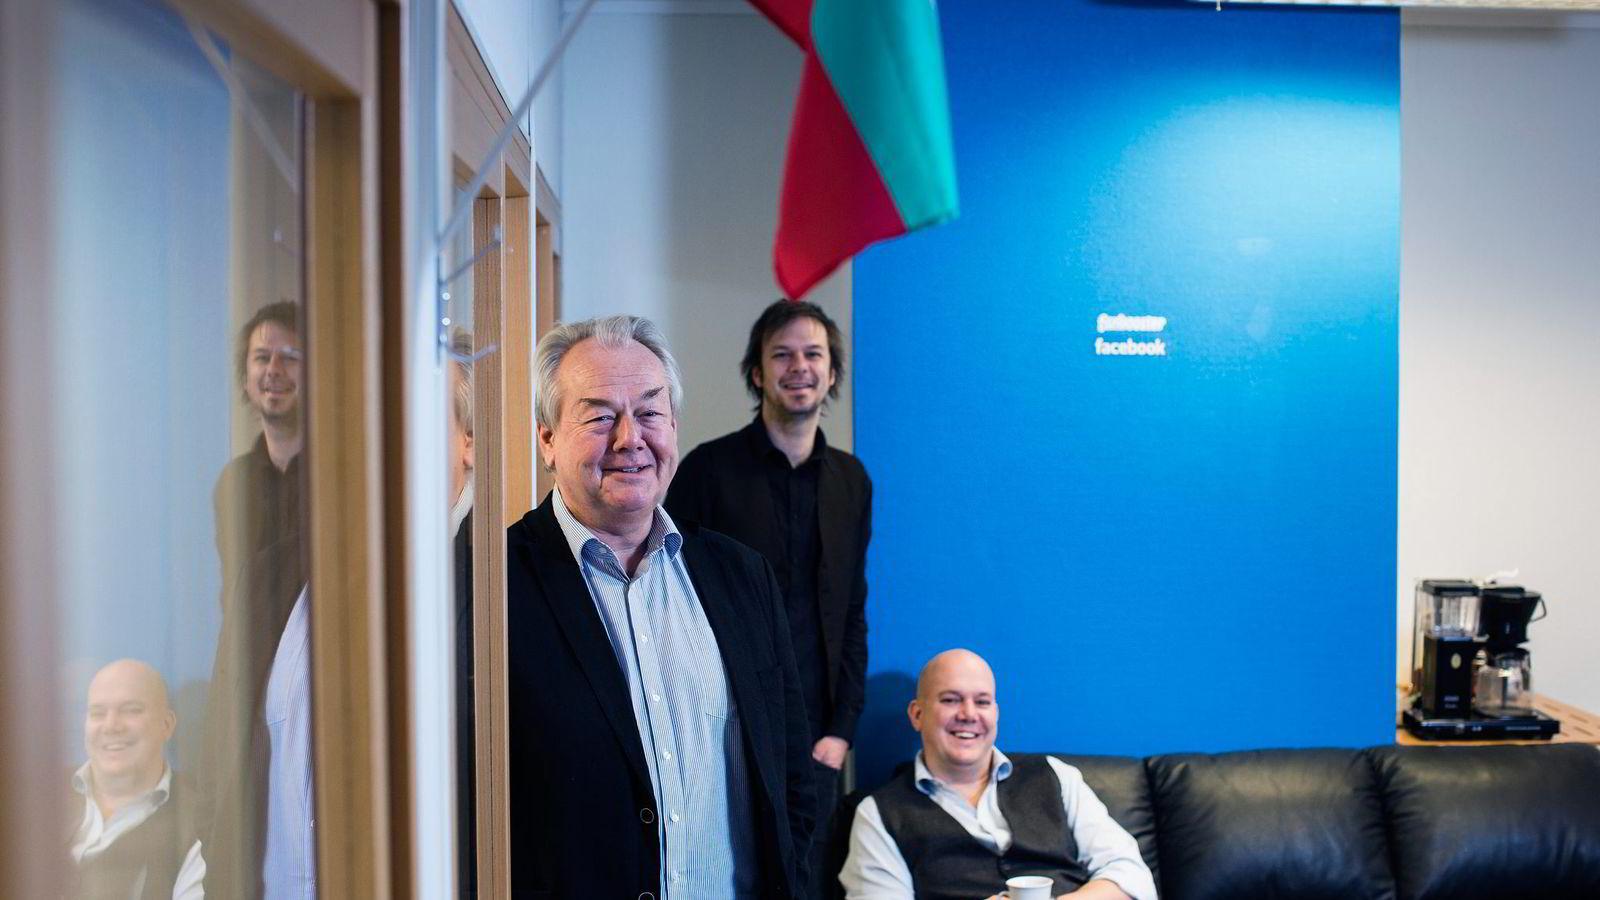 Familien Eggum eide frem til nylig 93,4 prosent av Fanbooster, men får nå blant annet Polaris Media med på eiersiden. Her Olav (fra venstre), Vegard og Erik Eggum. Foto: